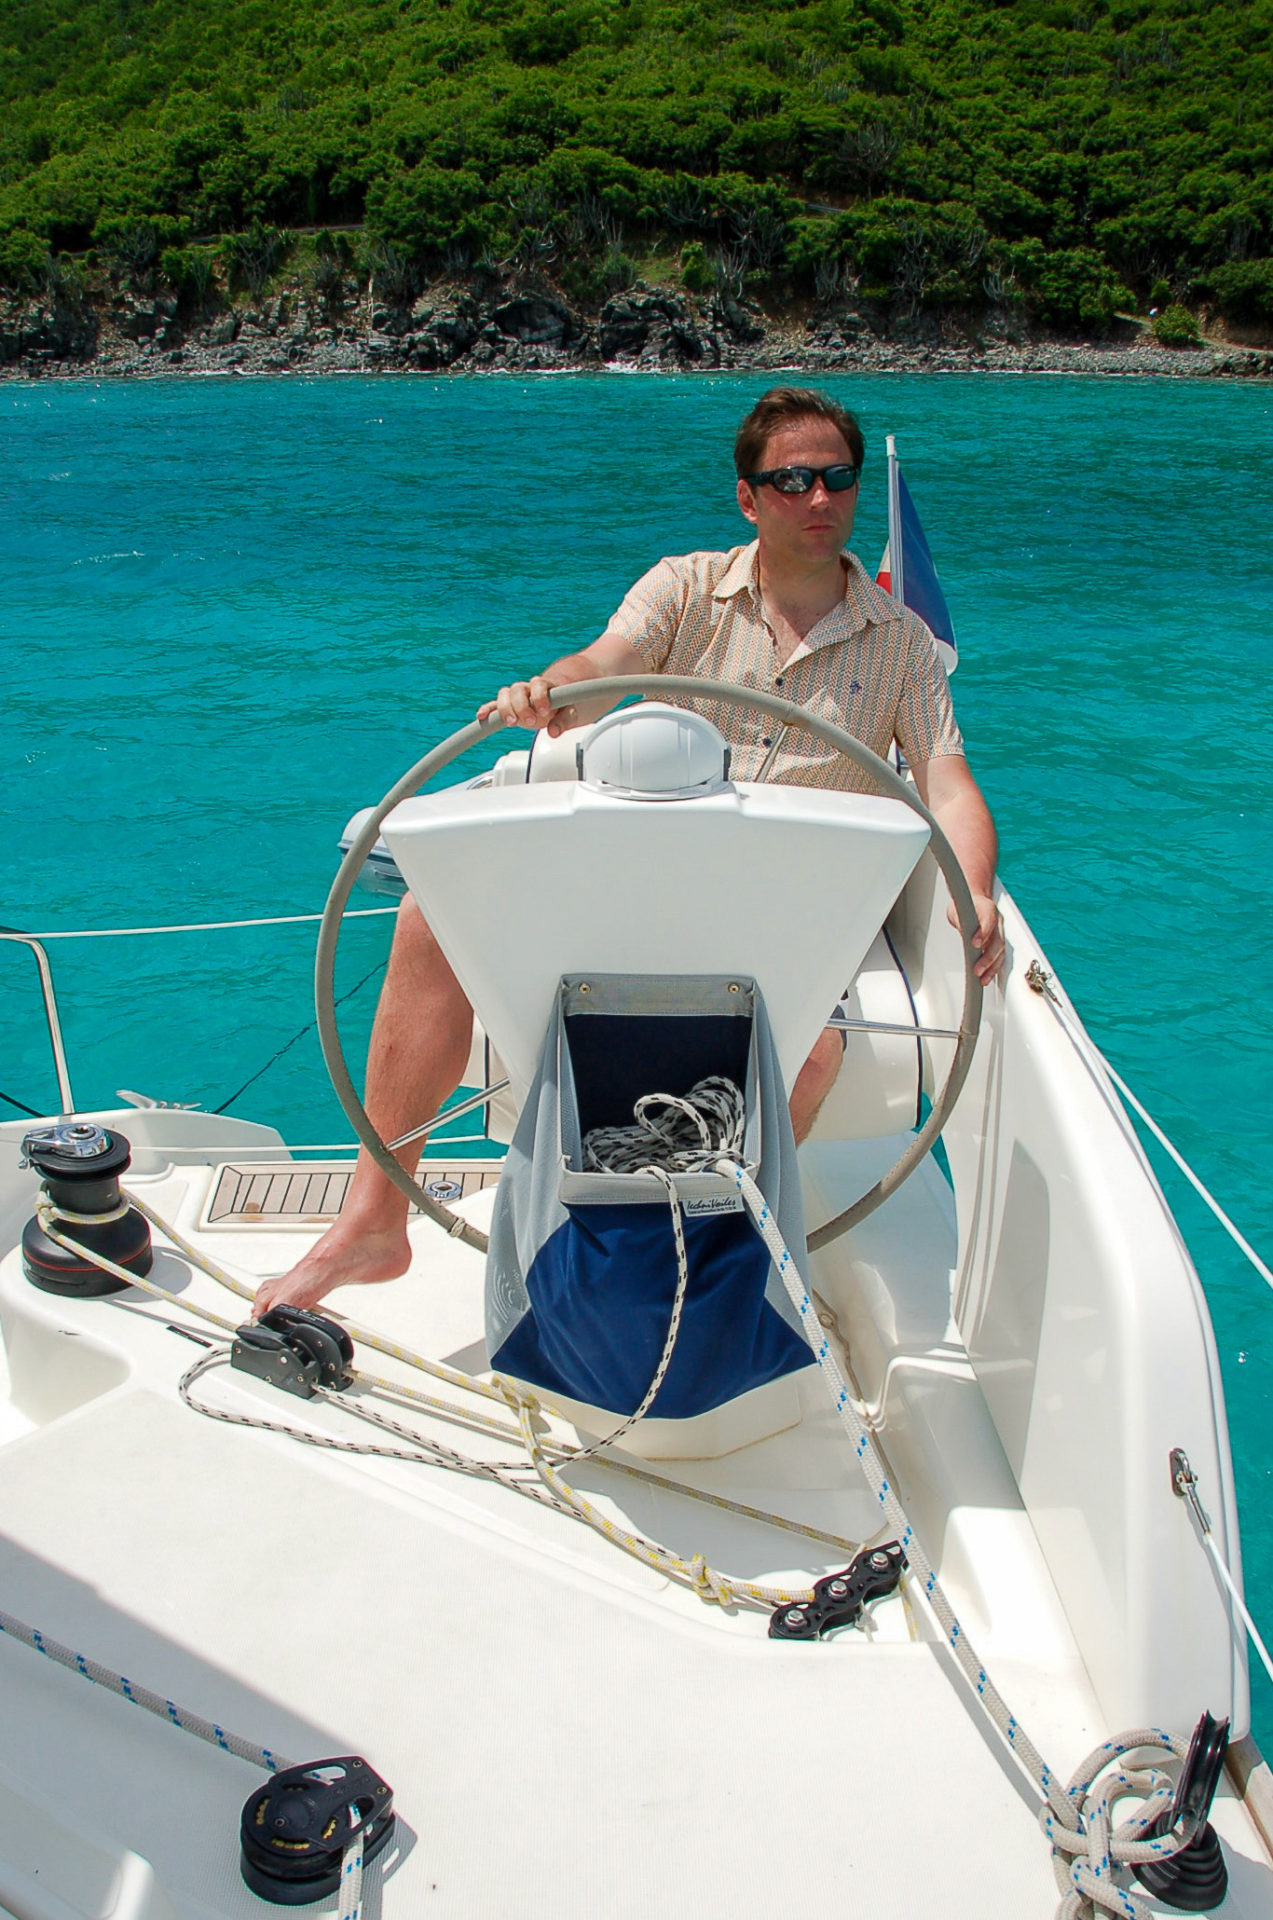 Autor Ralf Johnen niavigiert den Katamaran nach der Einreise auf die British Virgin Islands